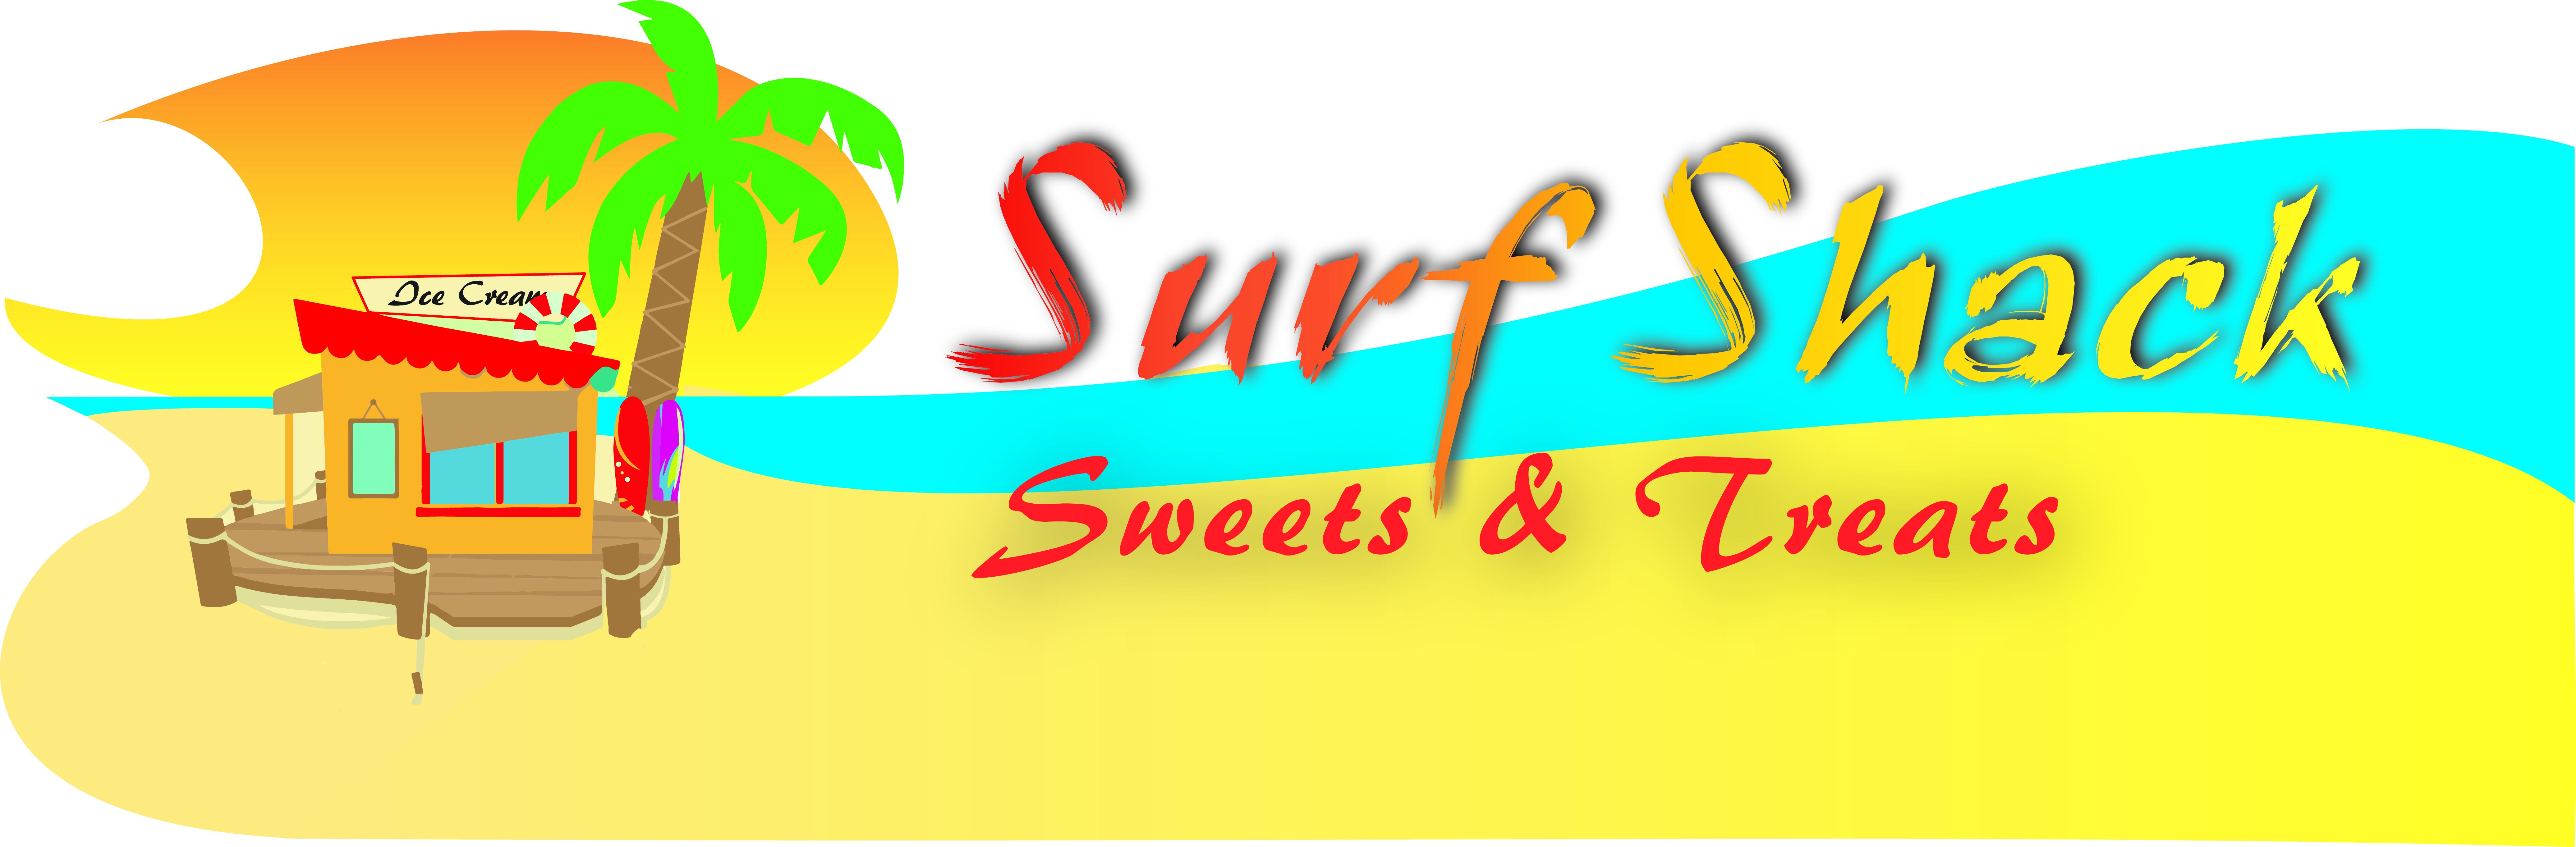 surfshack_logo2 (2016_05_24 22_10_14 UTC